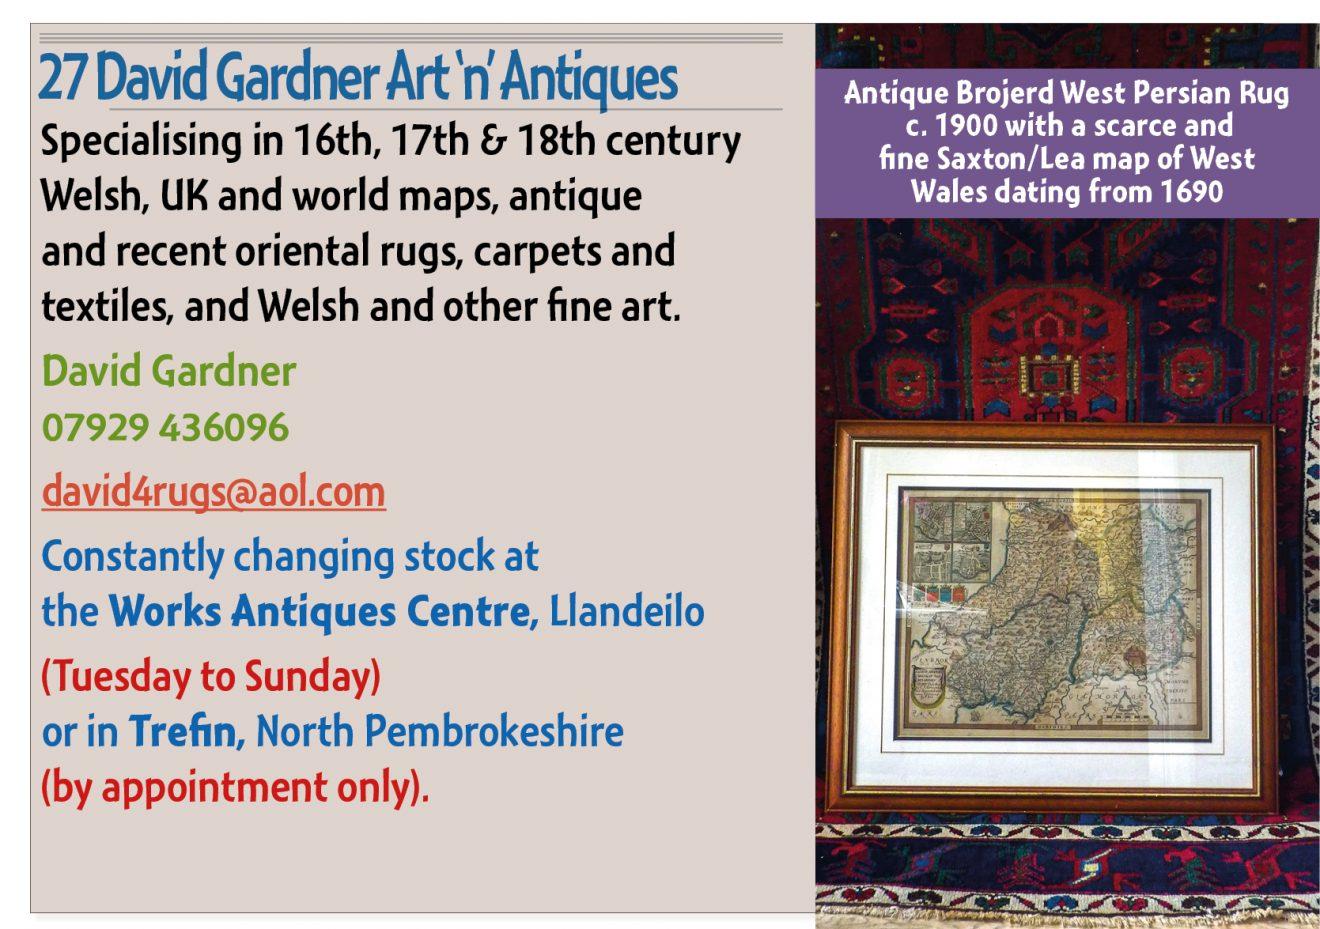 David Gardner Art and Antiques